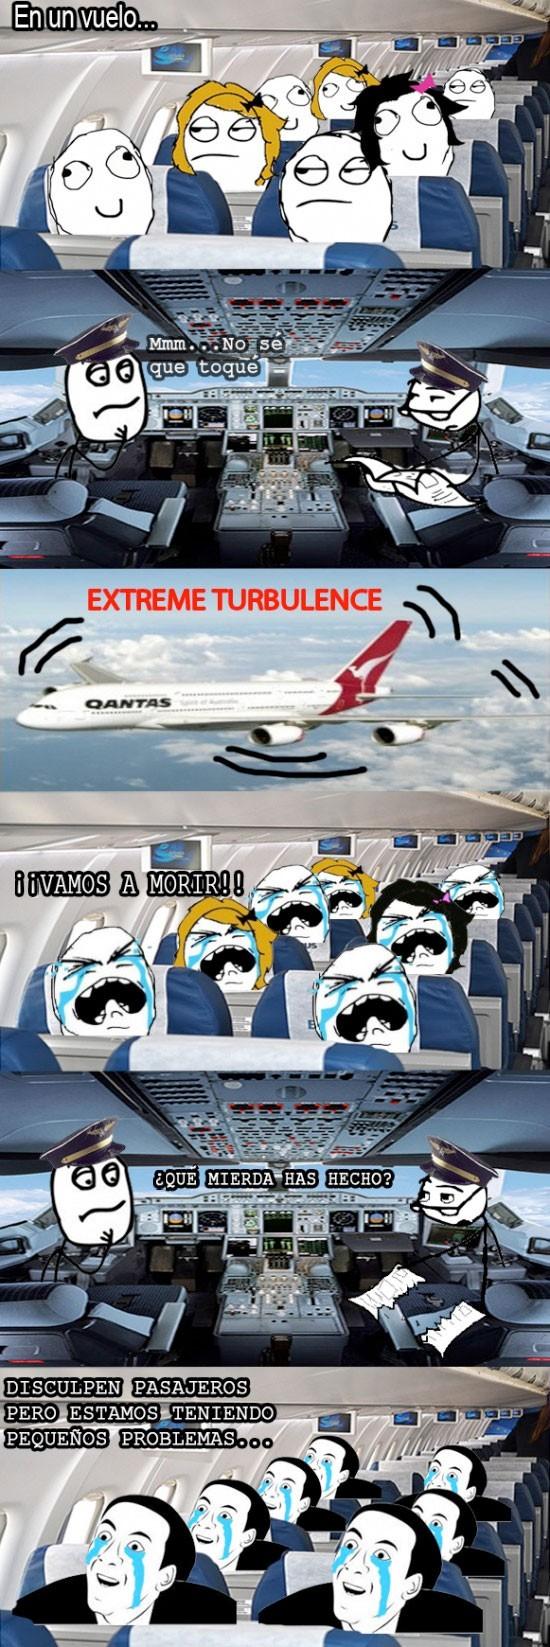 No_me_digas - Durante el vuelo